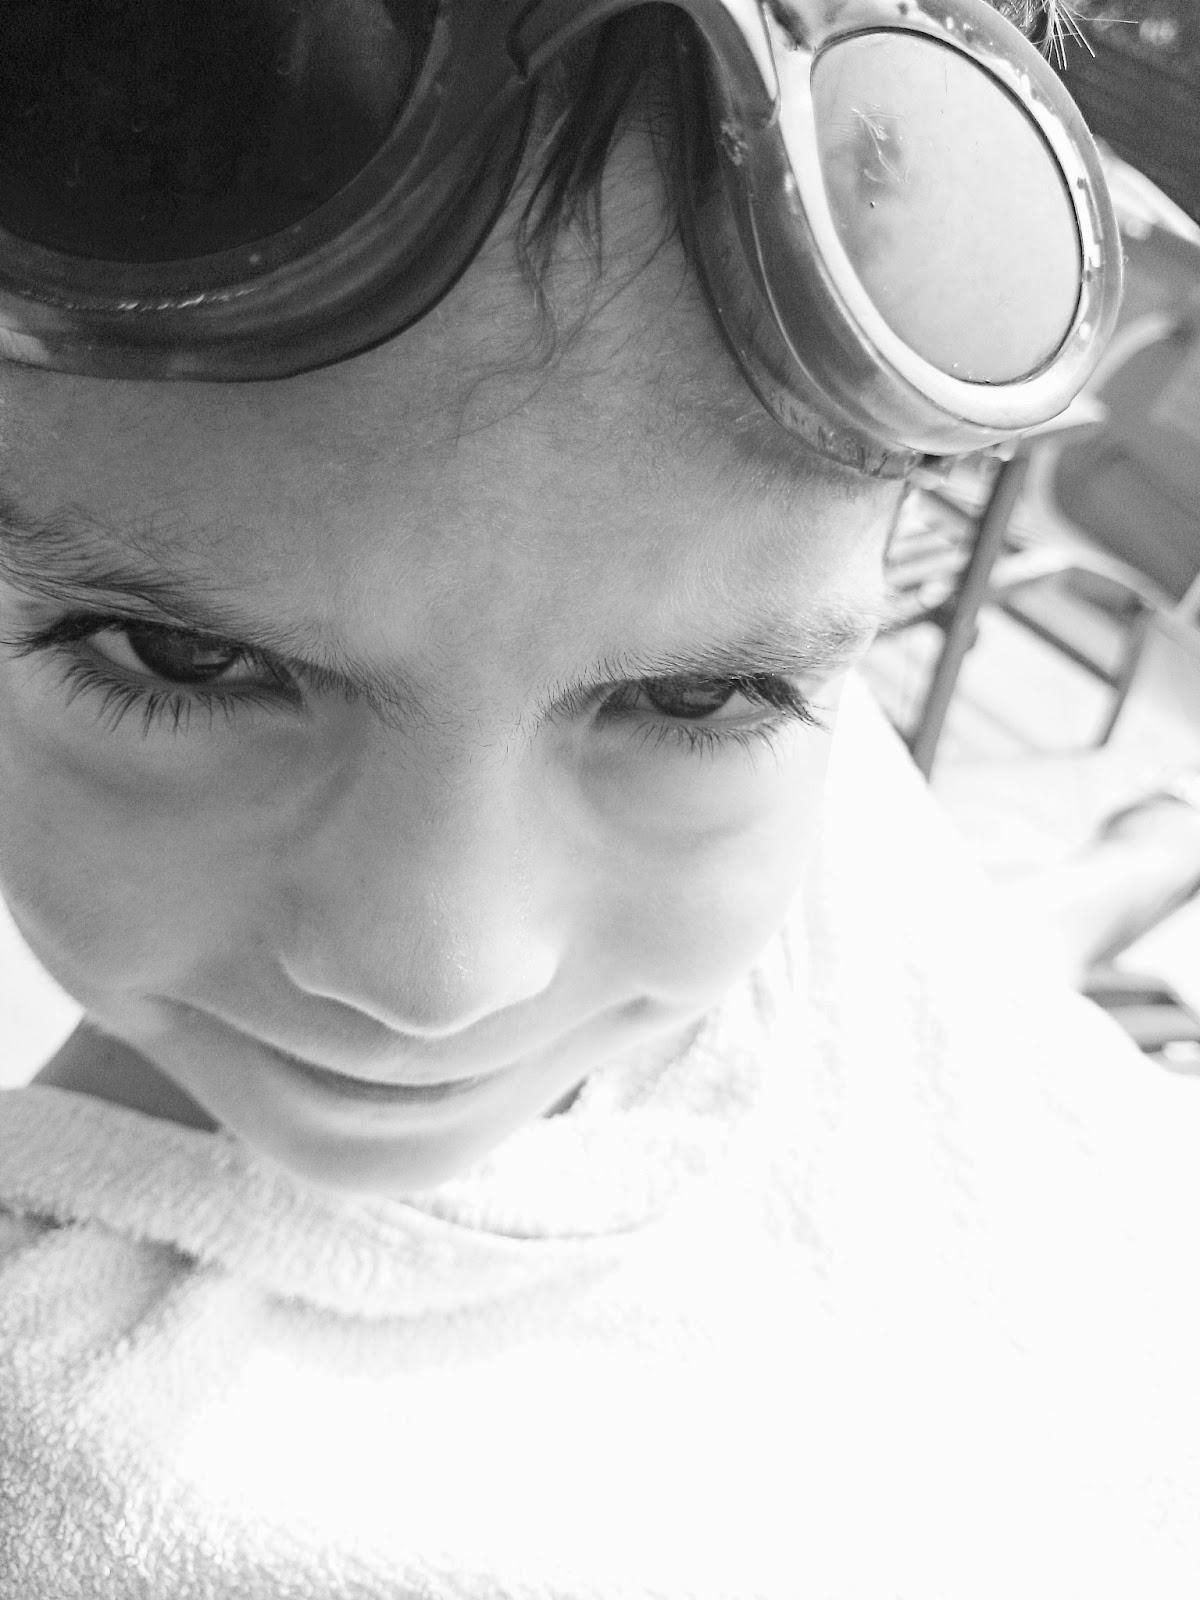 czarno białe zdjęcie,zdjęcie oczu,oczy,duże oczy,dziecko,okulary na basen,długie rzęsy,basen,ladiesdesigns